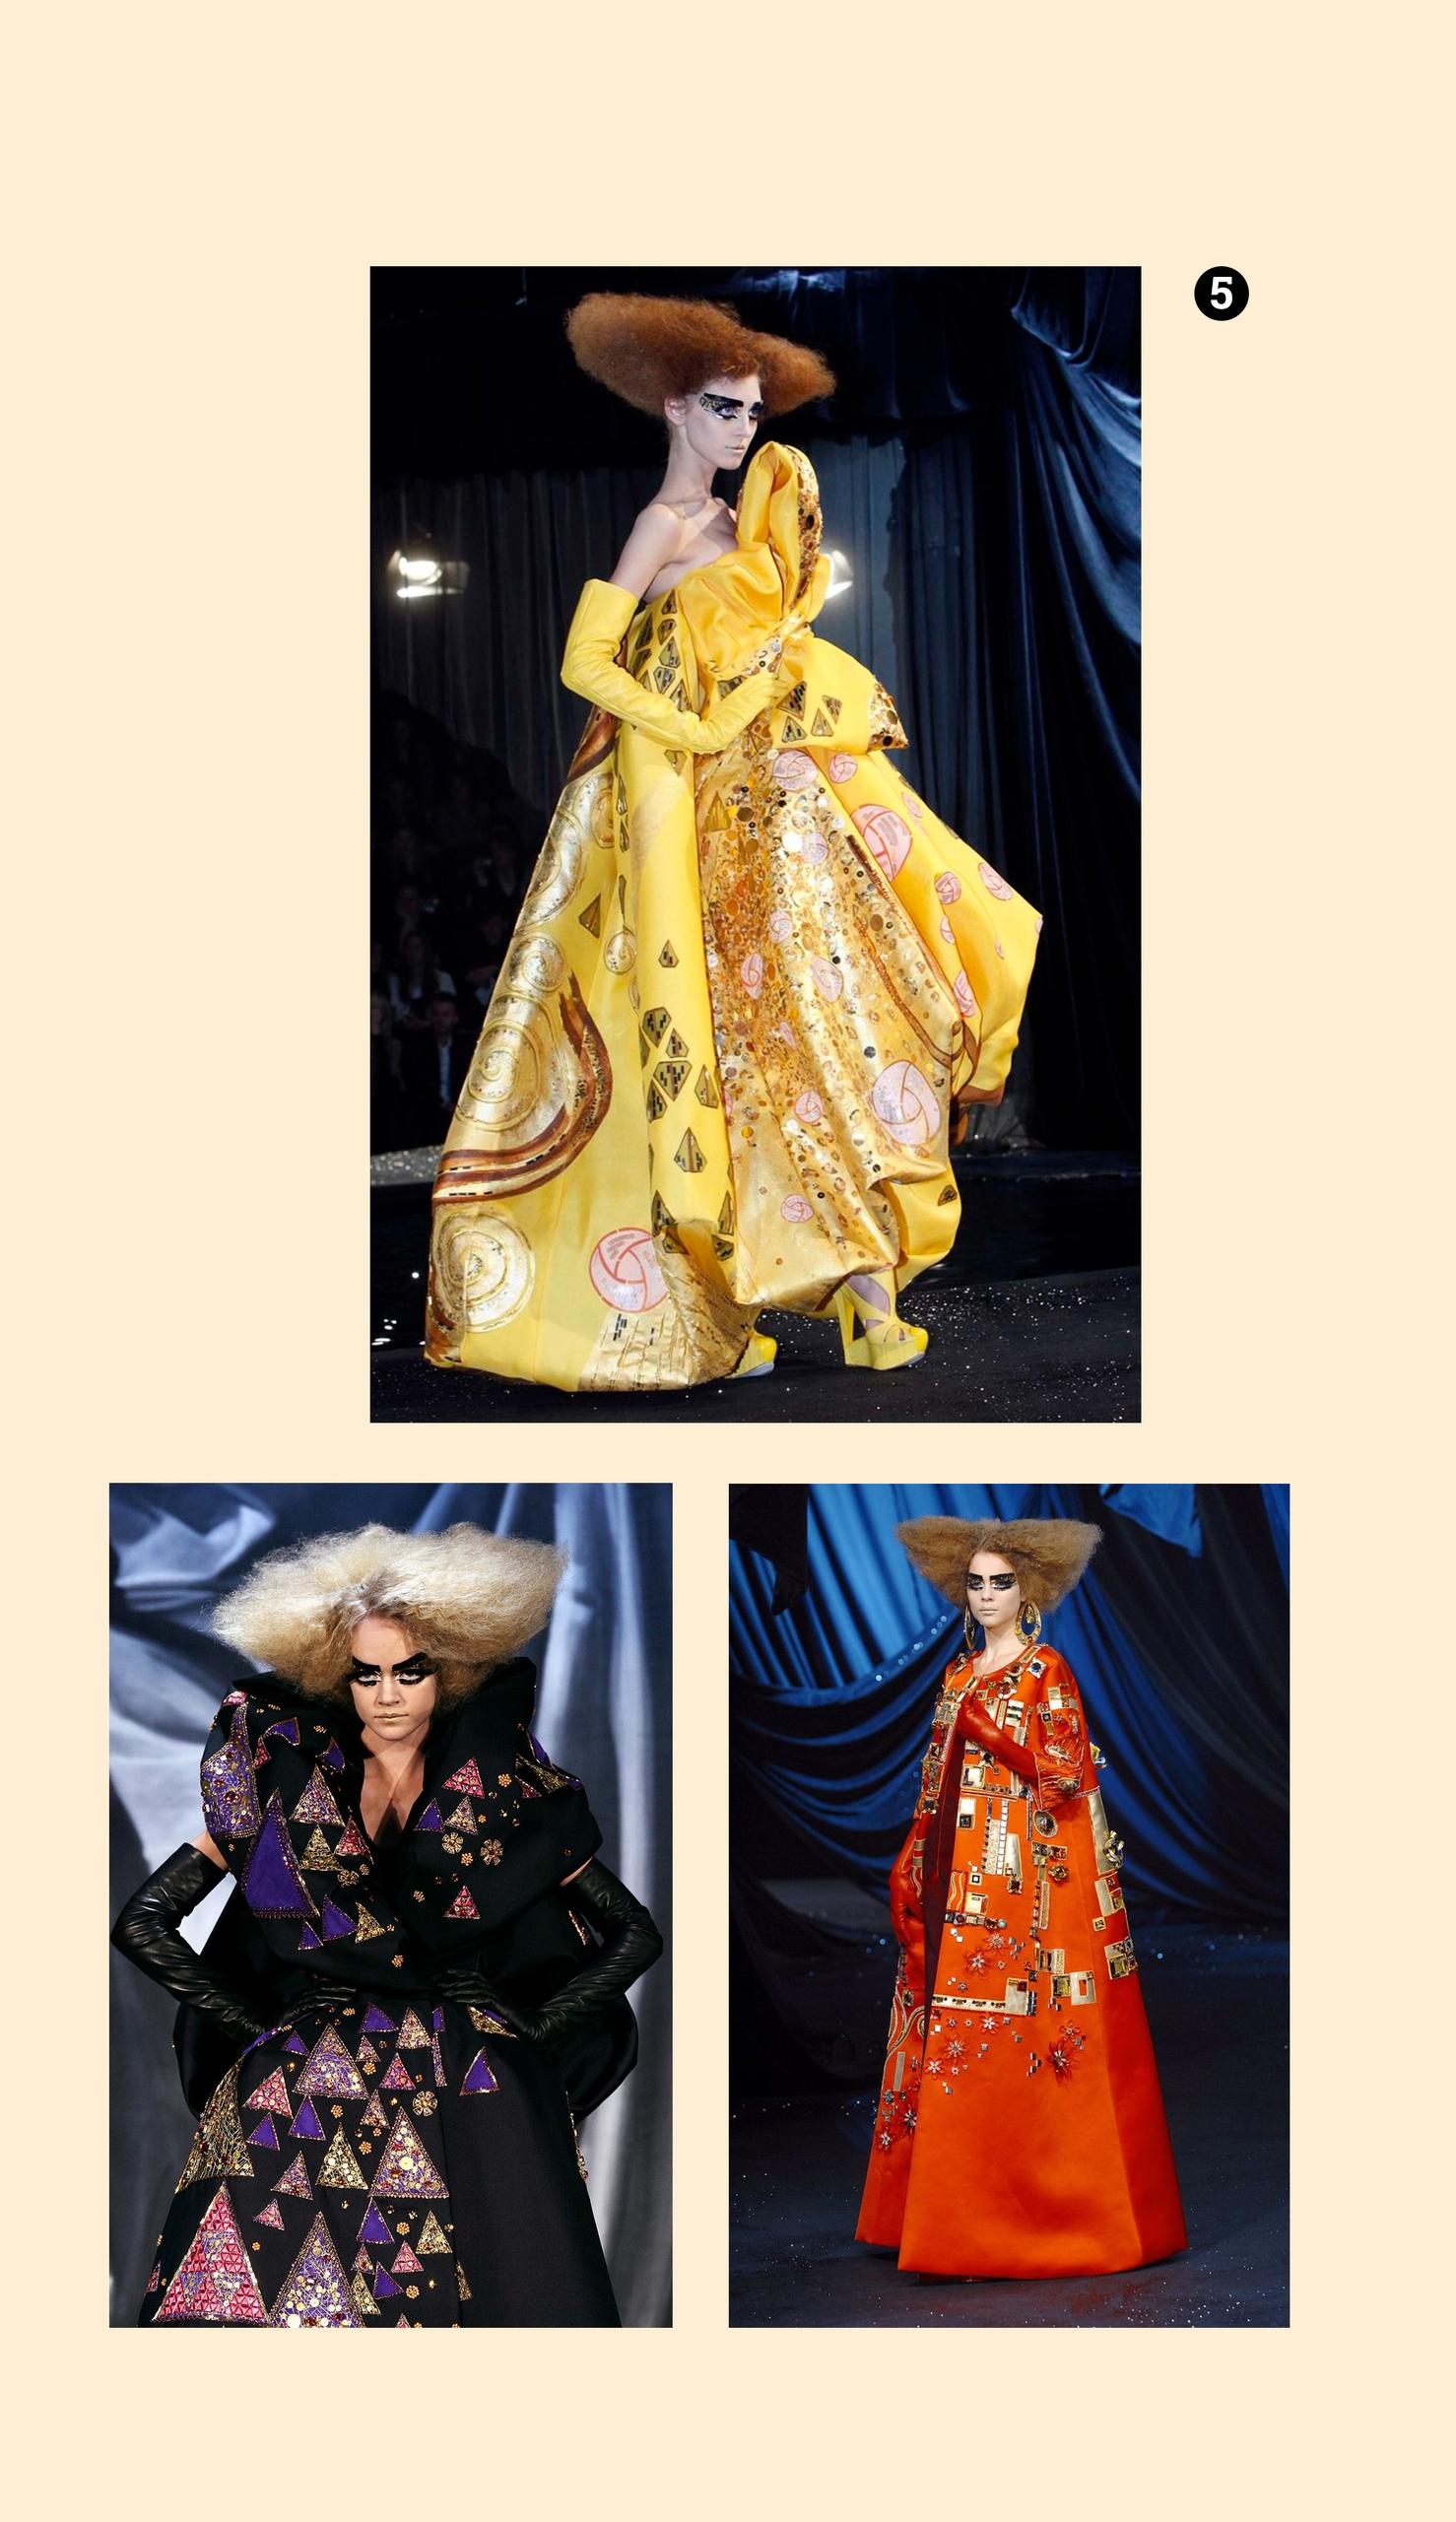 Obraz przedstawia trzy zdjęcia modelek na wybiegu. Zdjęcia na jasno-żółtym tle.